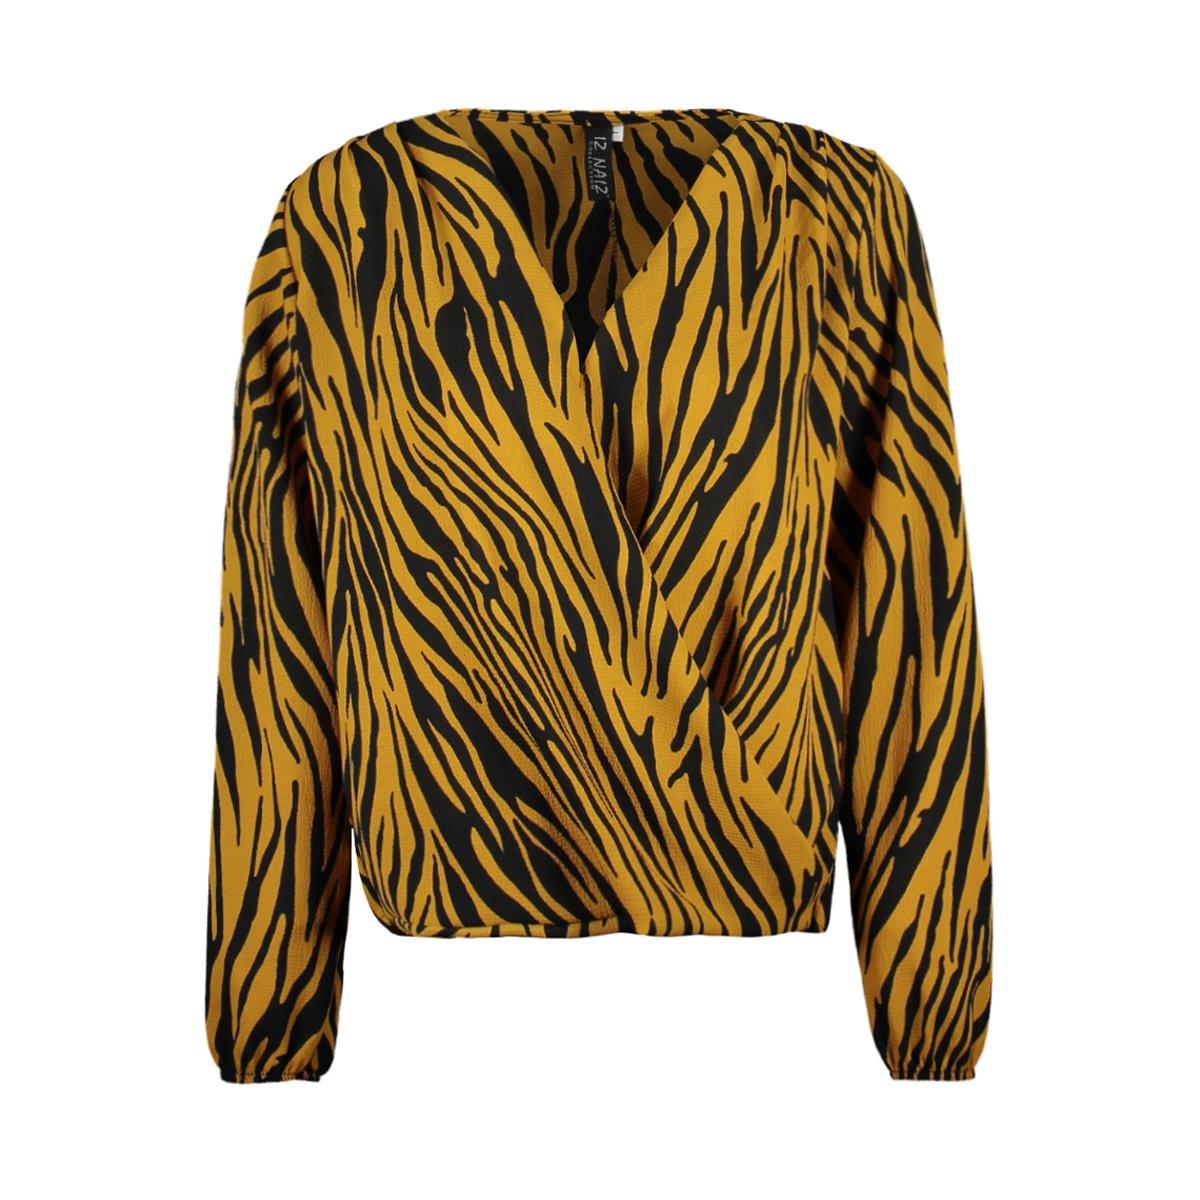 3557 blouse overslag iz naiz blouse oker